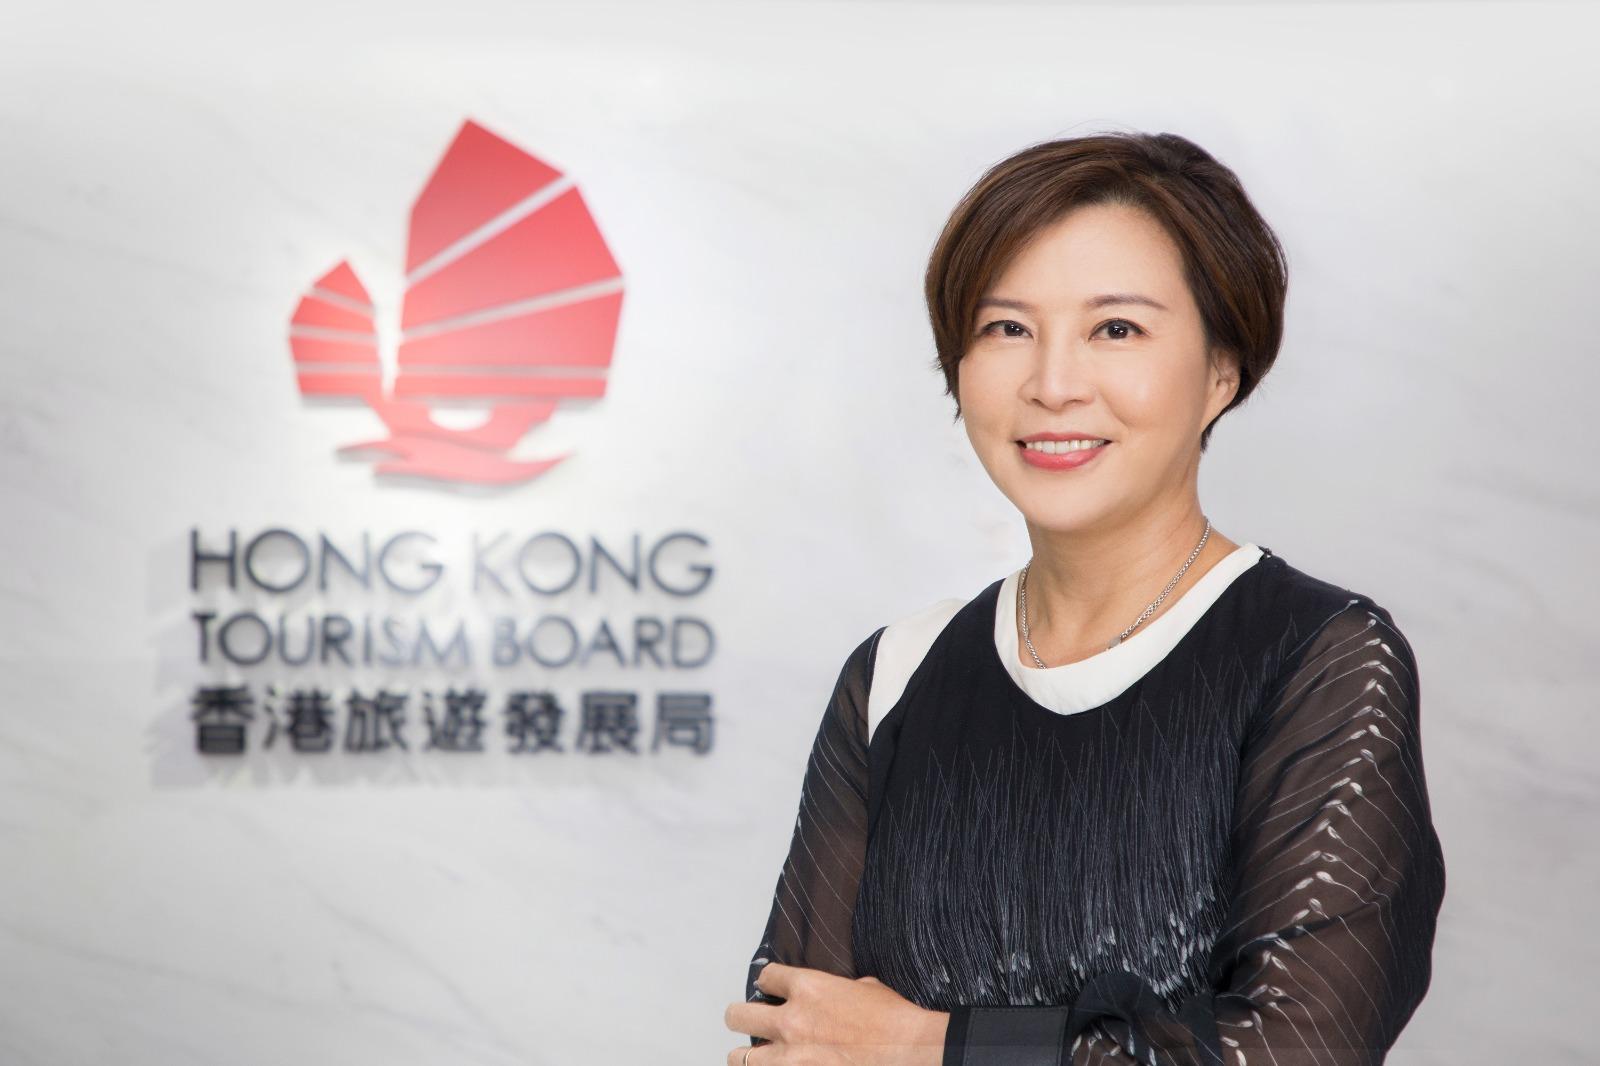 上門拍攝 團隊相 專業形象照套餐價錢介紹 攝影樓推薦 portrait profession icefire studio photography hk10